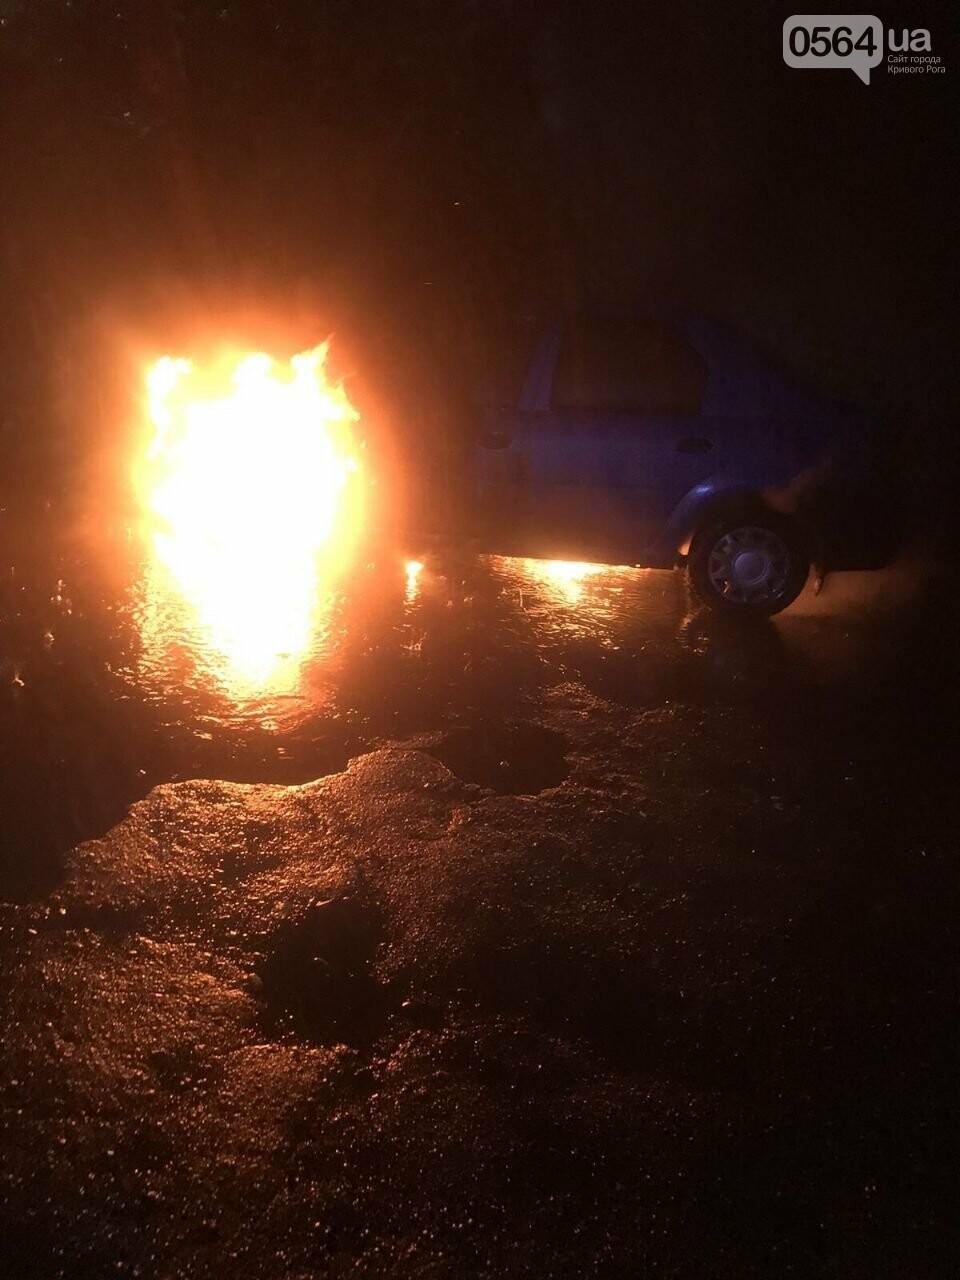 Ночью в Кривом Роге горел автомобиль, - ФОТО, фото-1